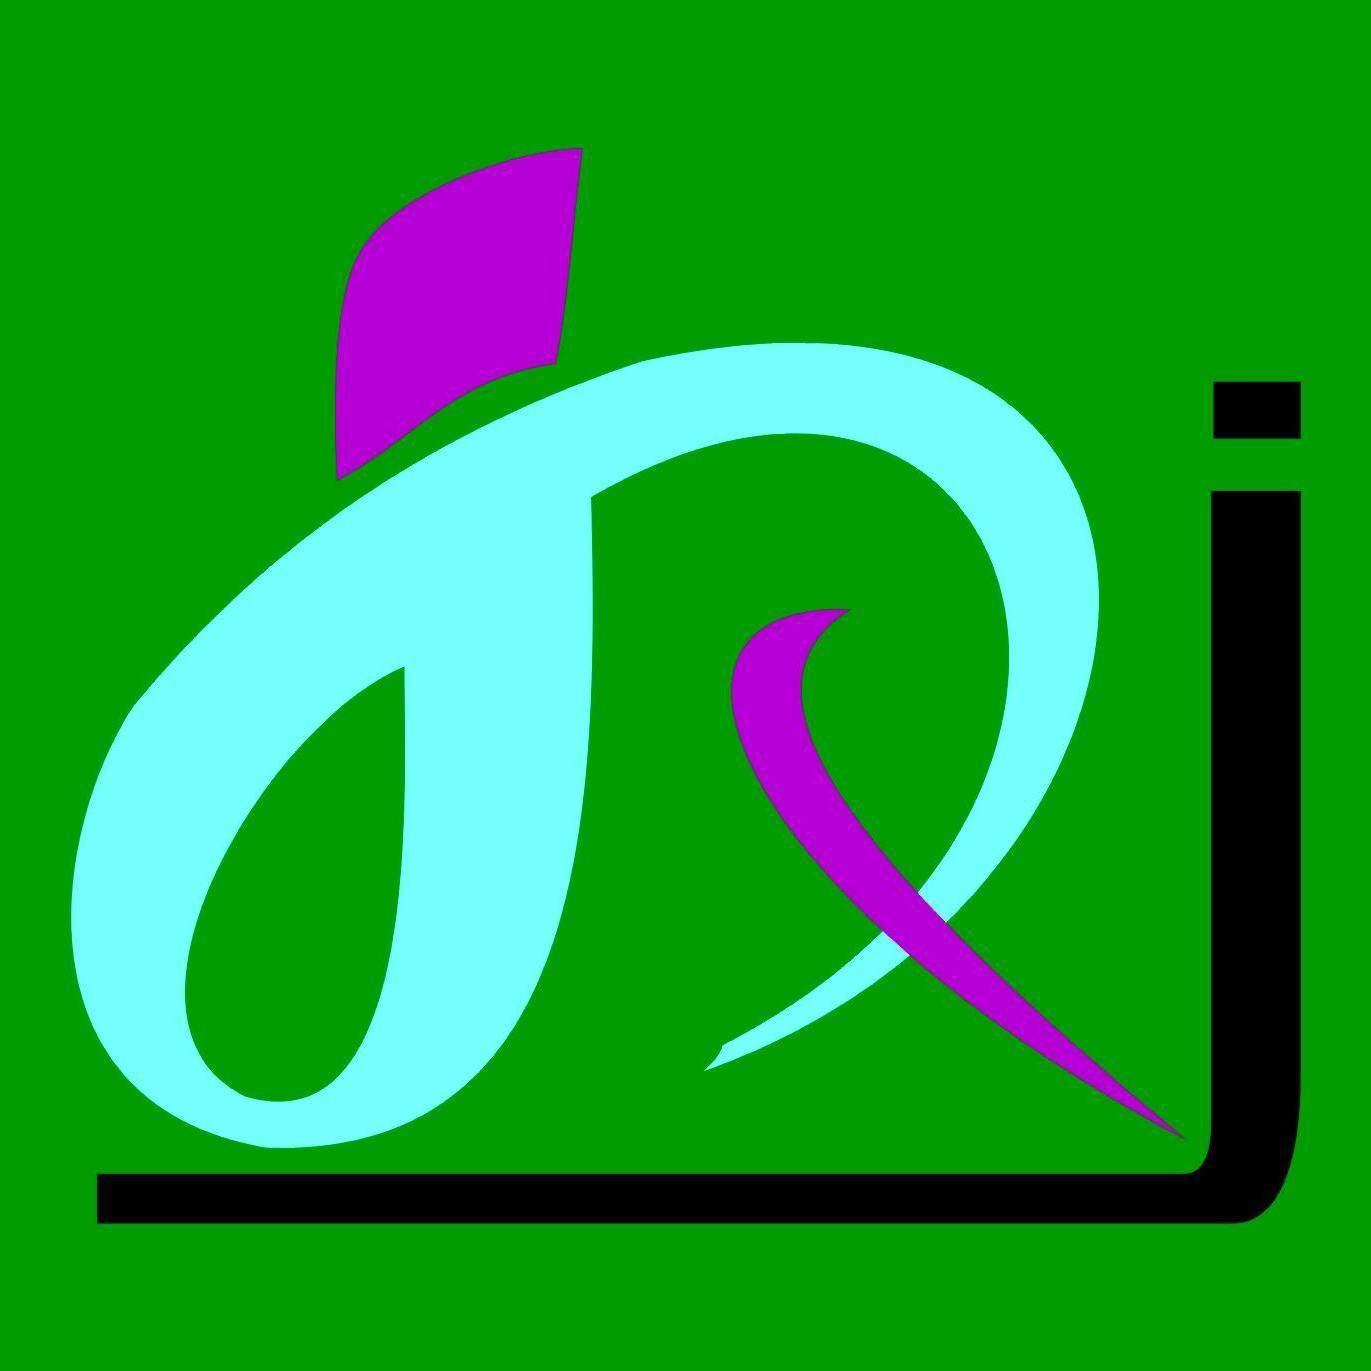 logo 标识 标志 设计 矢量 矢量图 素材 图标 1371_1371